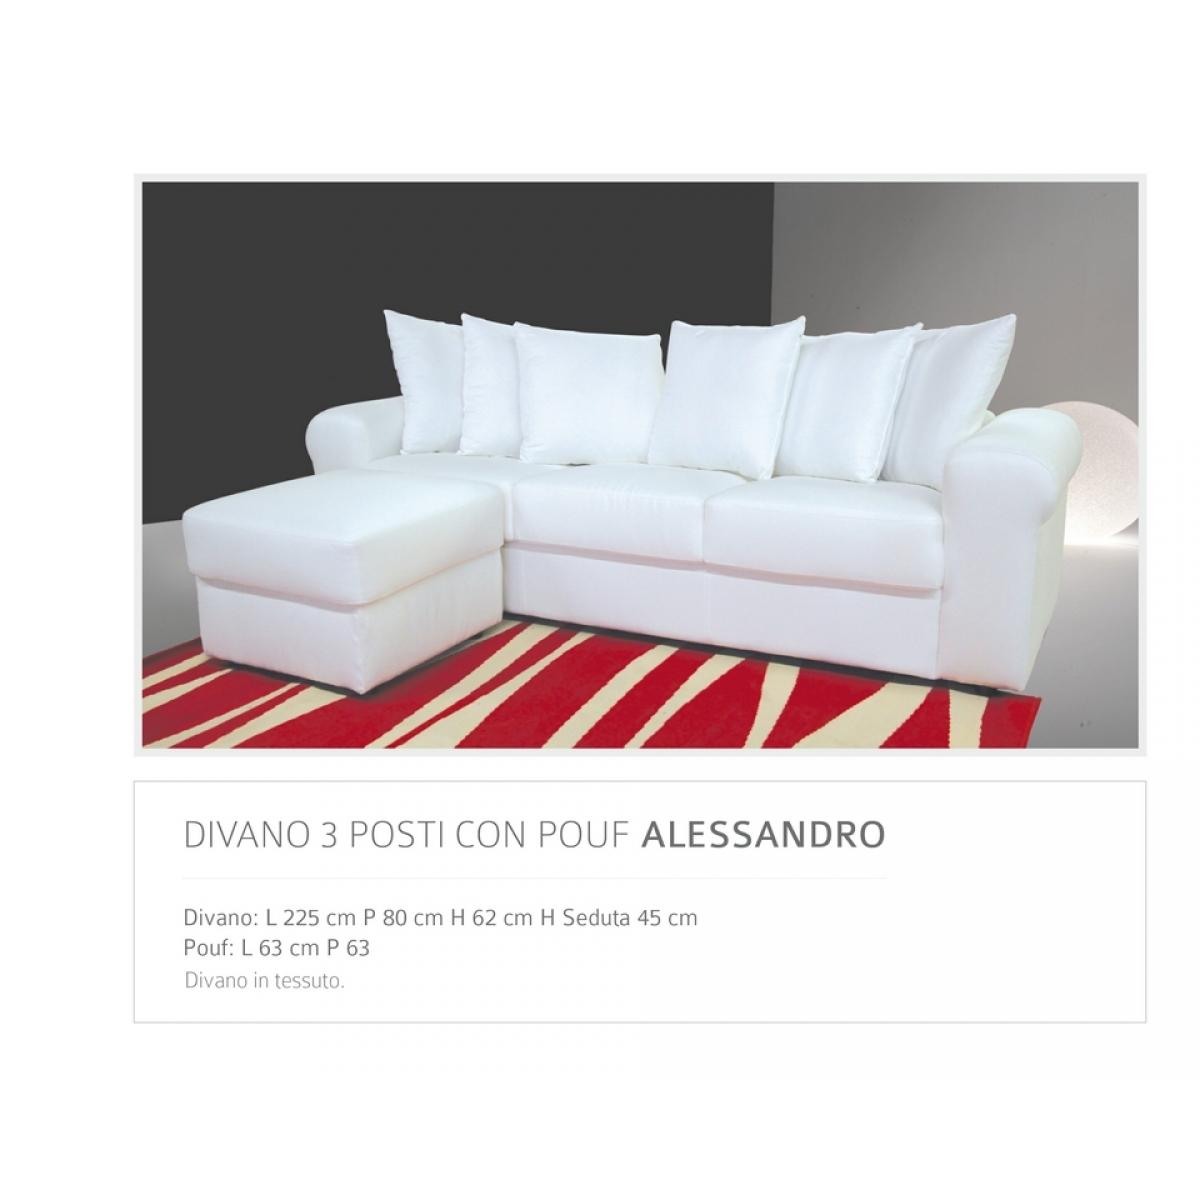 422 offerta divano con penisola - Divano penisola offerta ...